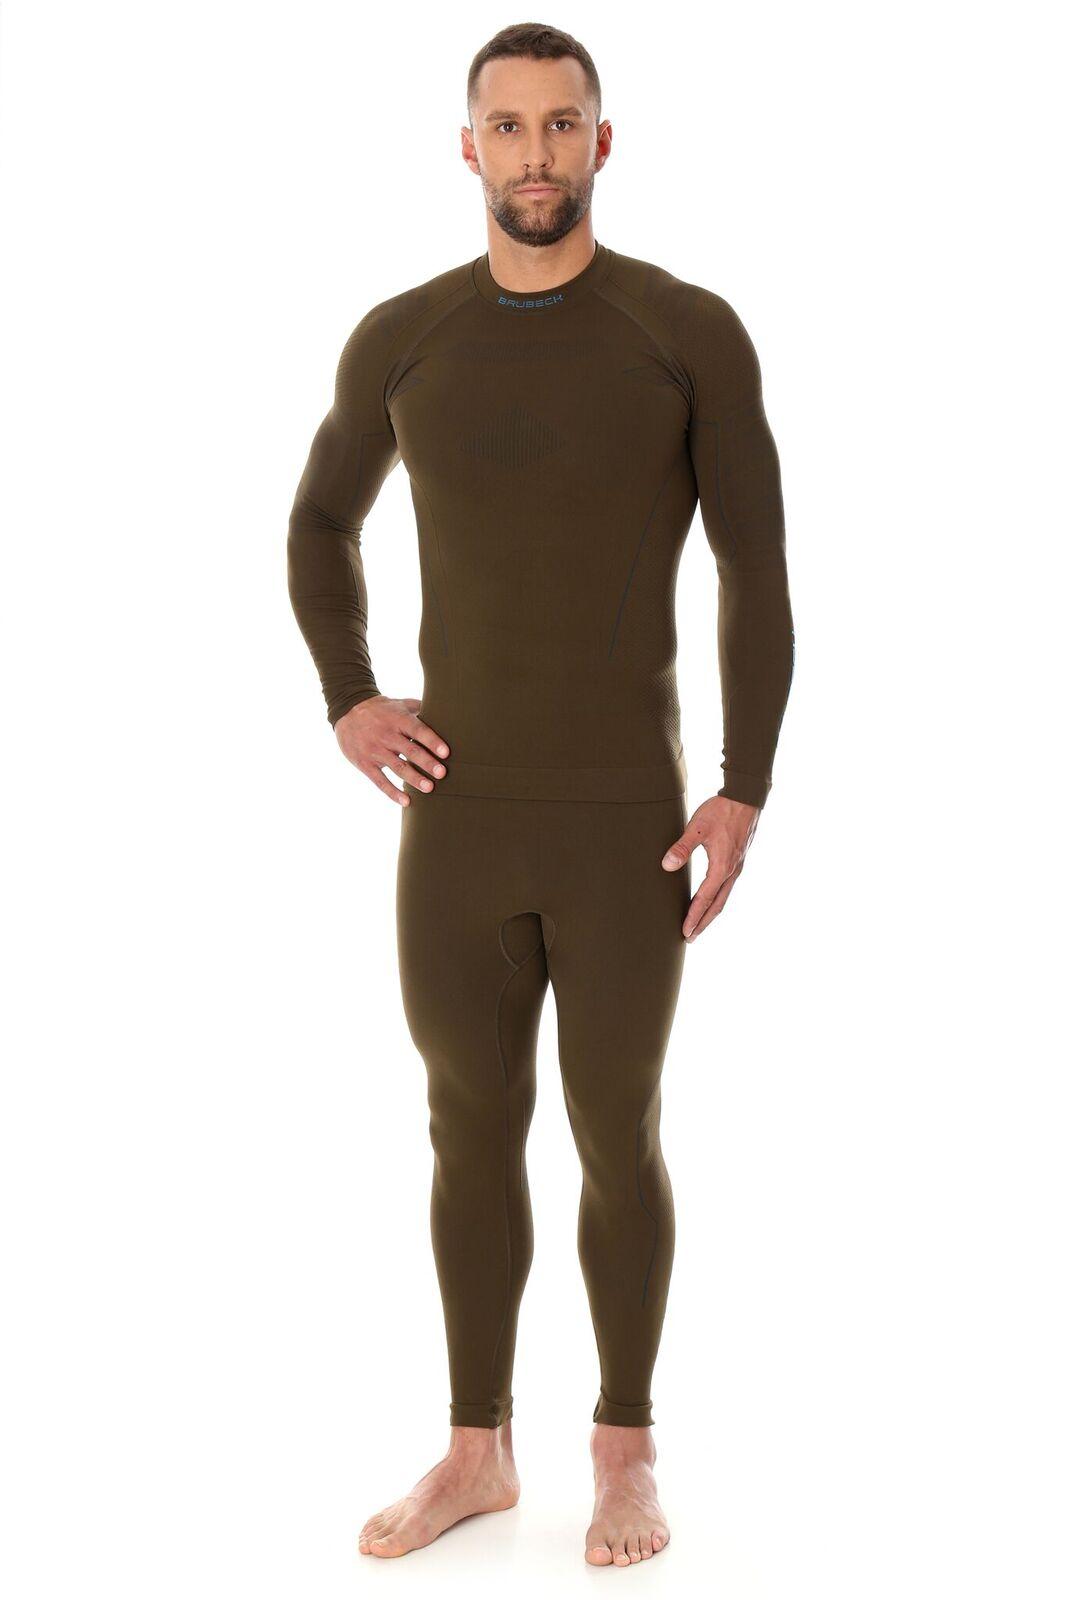 45423548cb2796 Spodnie Termoaktywne Brubeck Thermo Męskie Khaki : opinie i cena ...